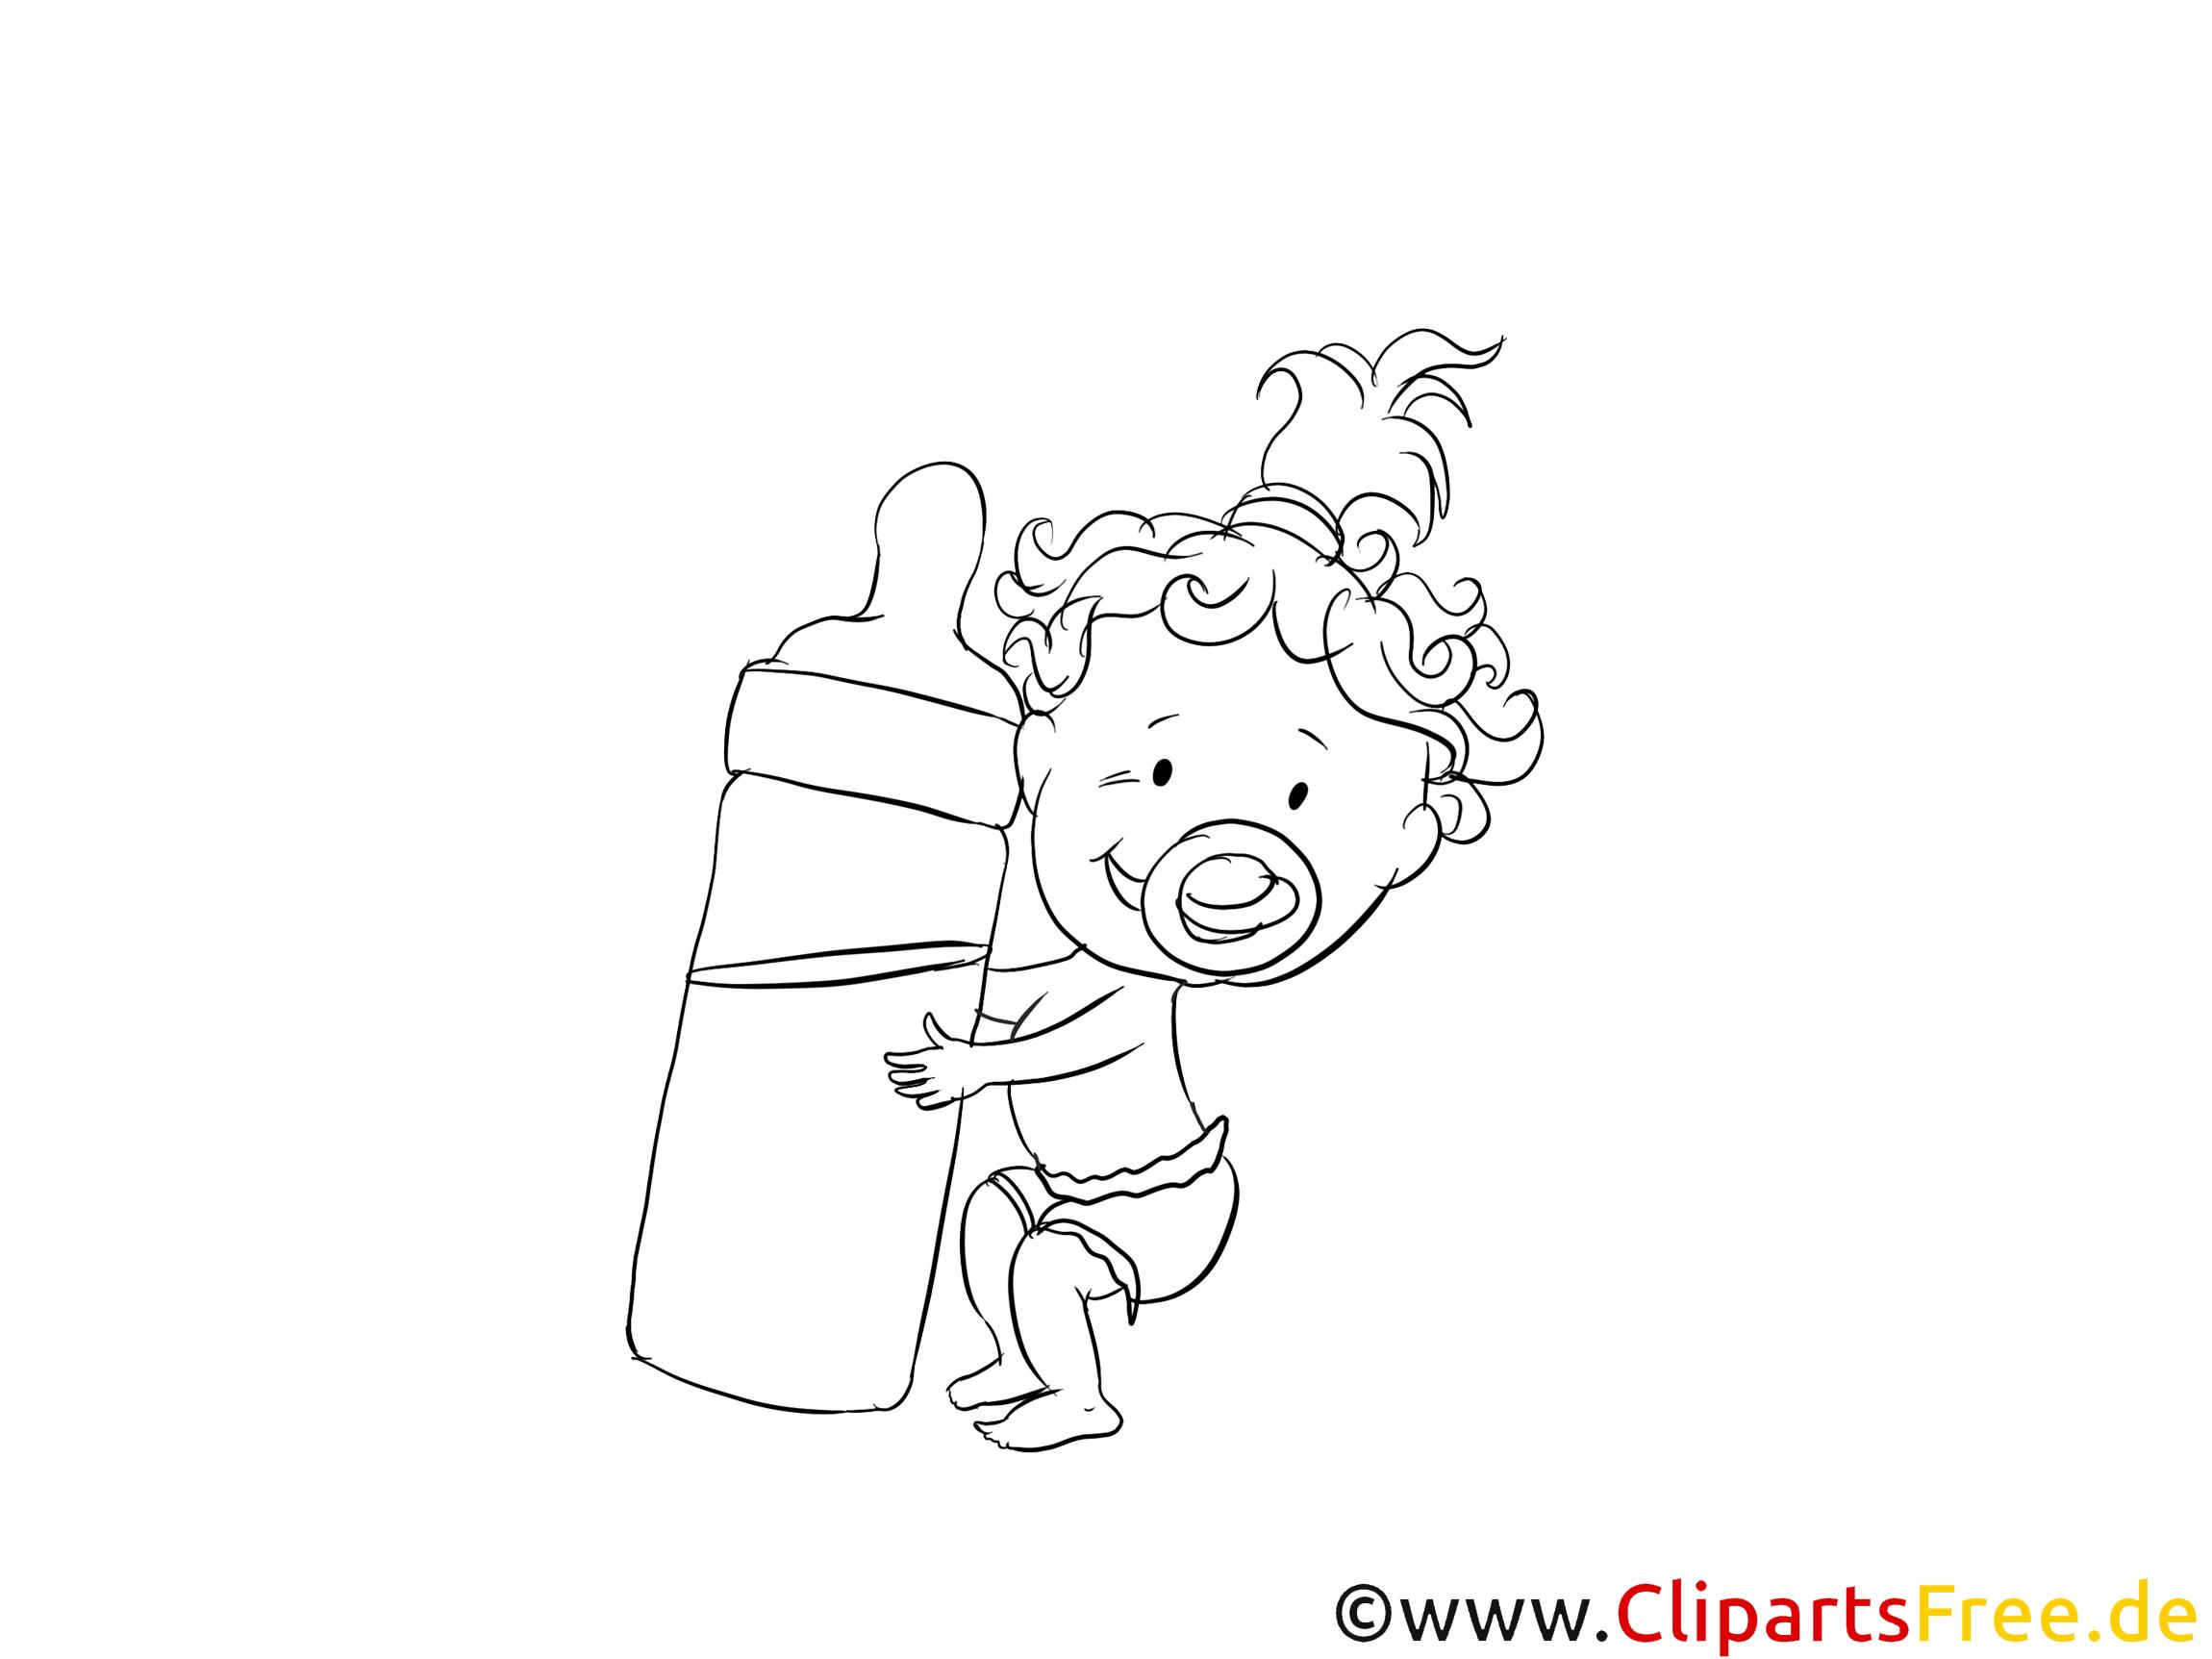 Bébé dessin à télécharger – Maternelle à colorier